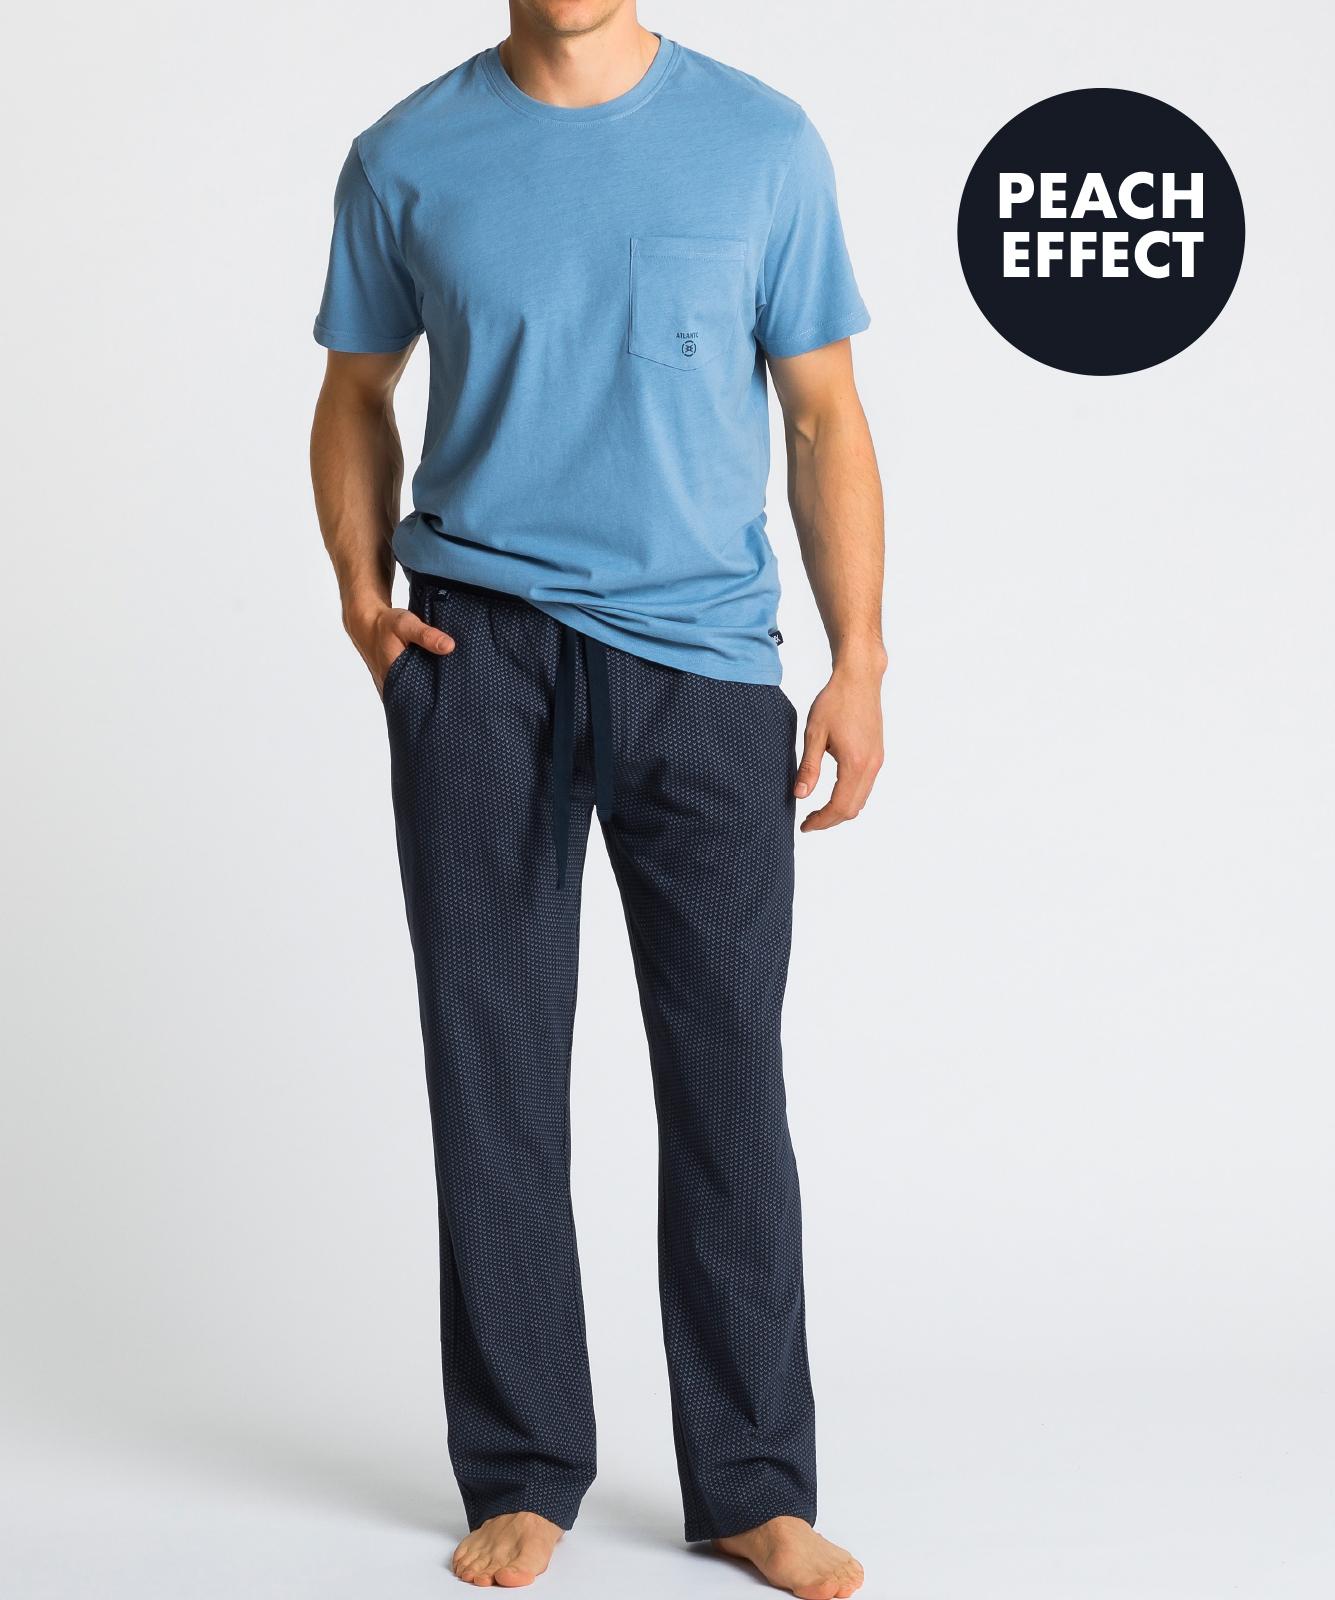 Мужская пижама Atlantic, 1 шт. в уп., хлопок, голубая, NMP-347